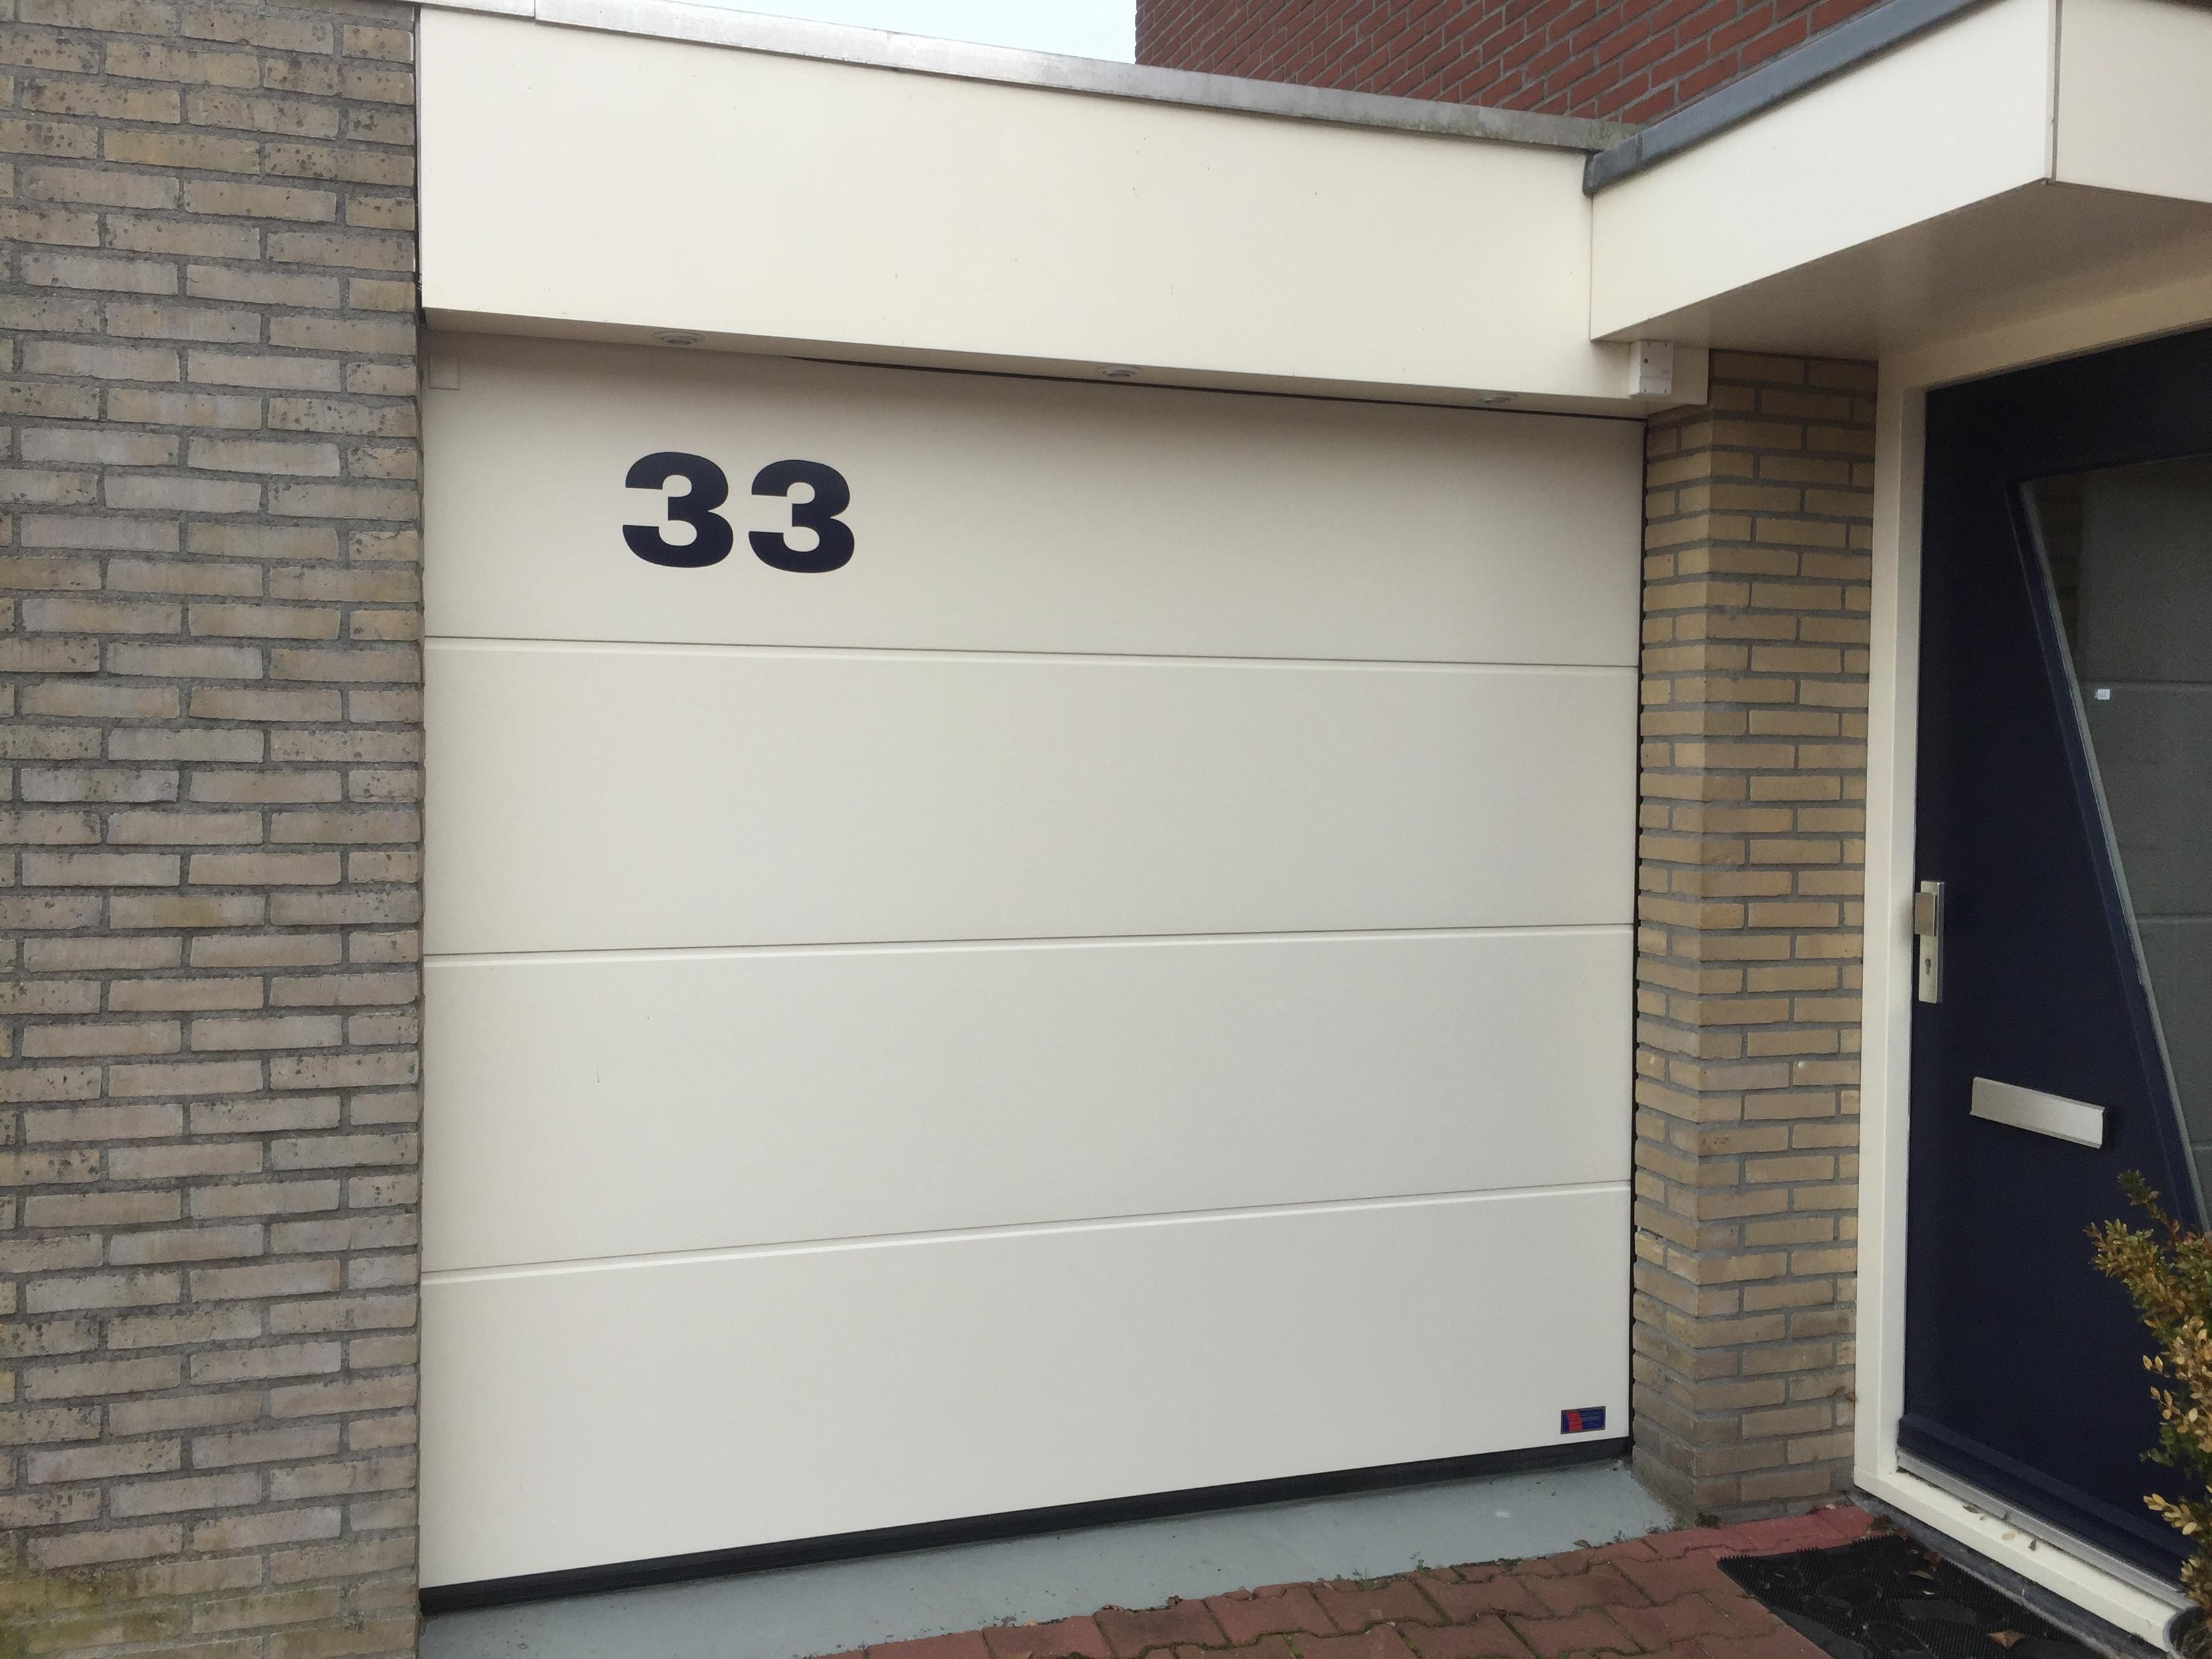 Bokhorst garagedeuren montage onderhoud reparaties for Holland deuren service